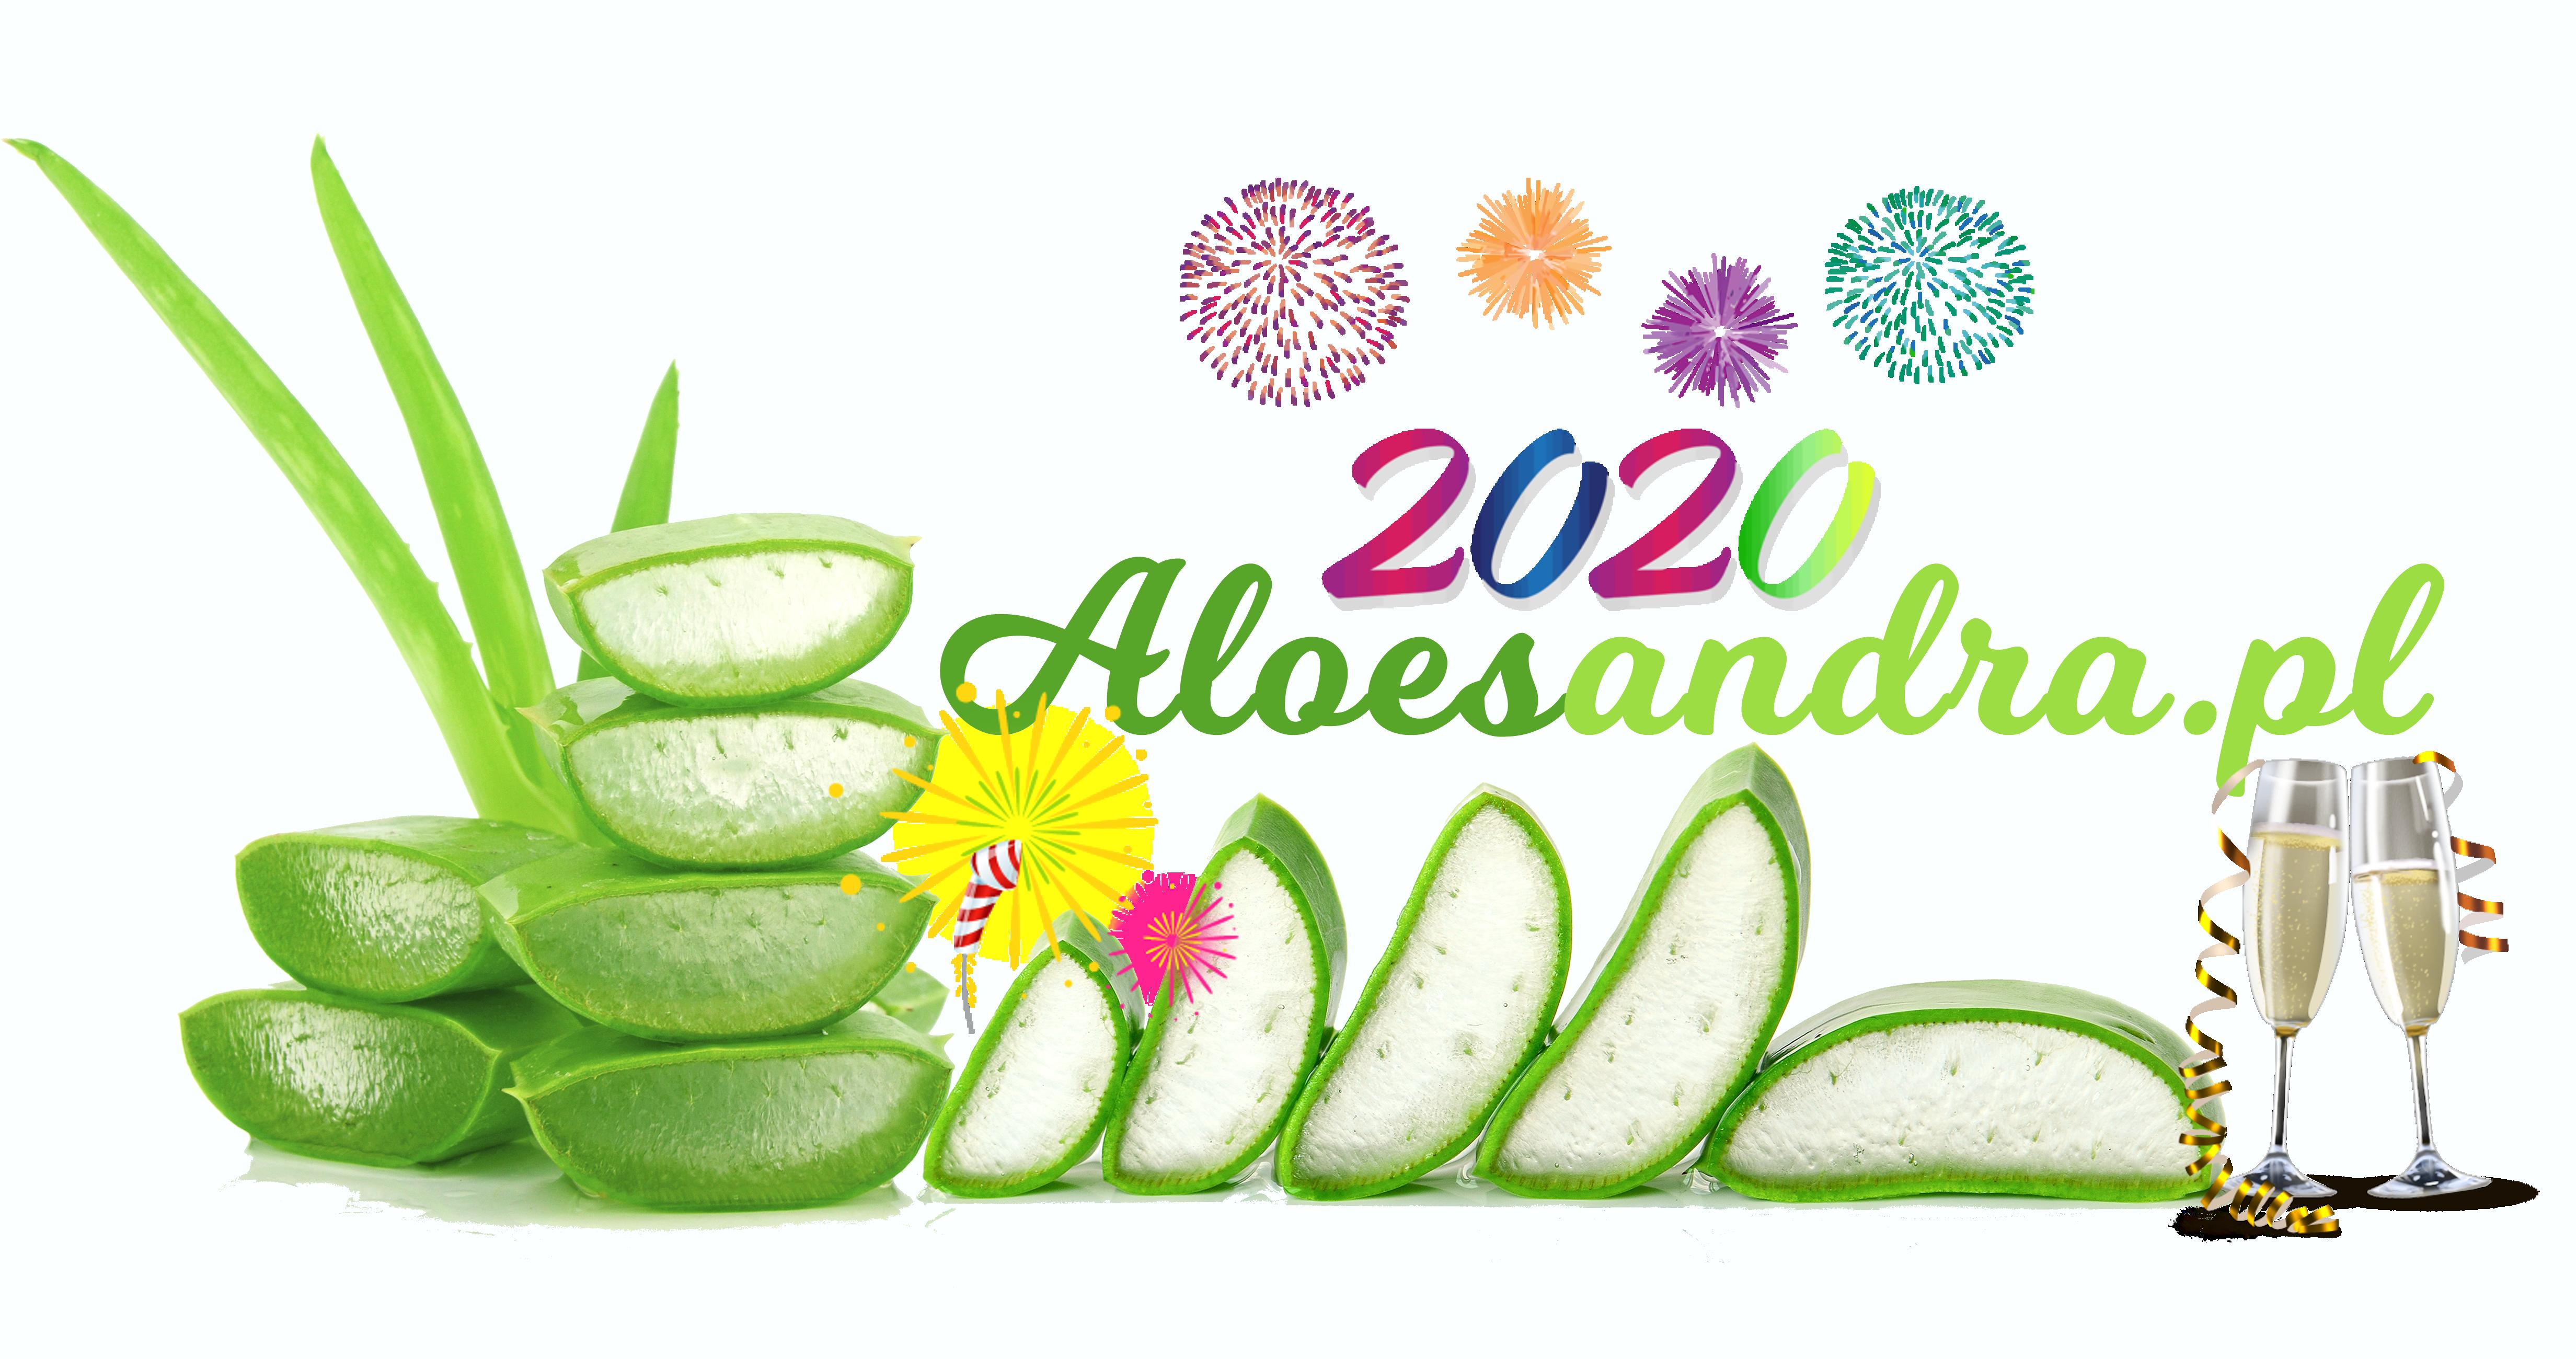 aloesandra.pl